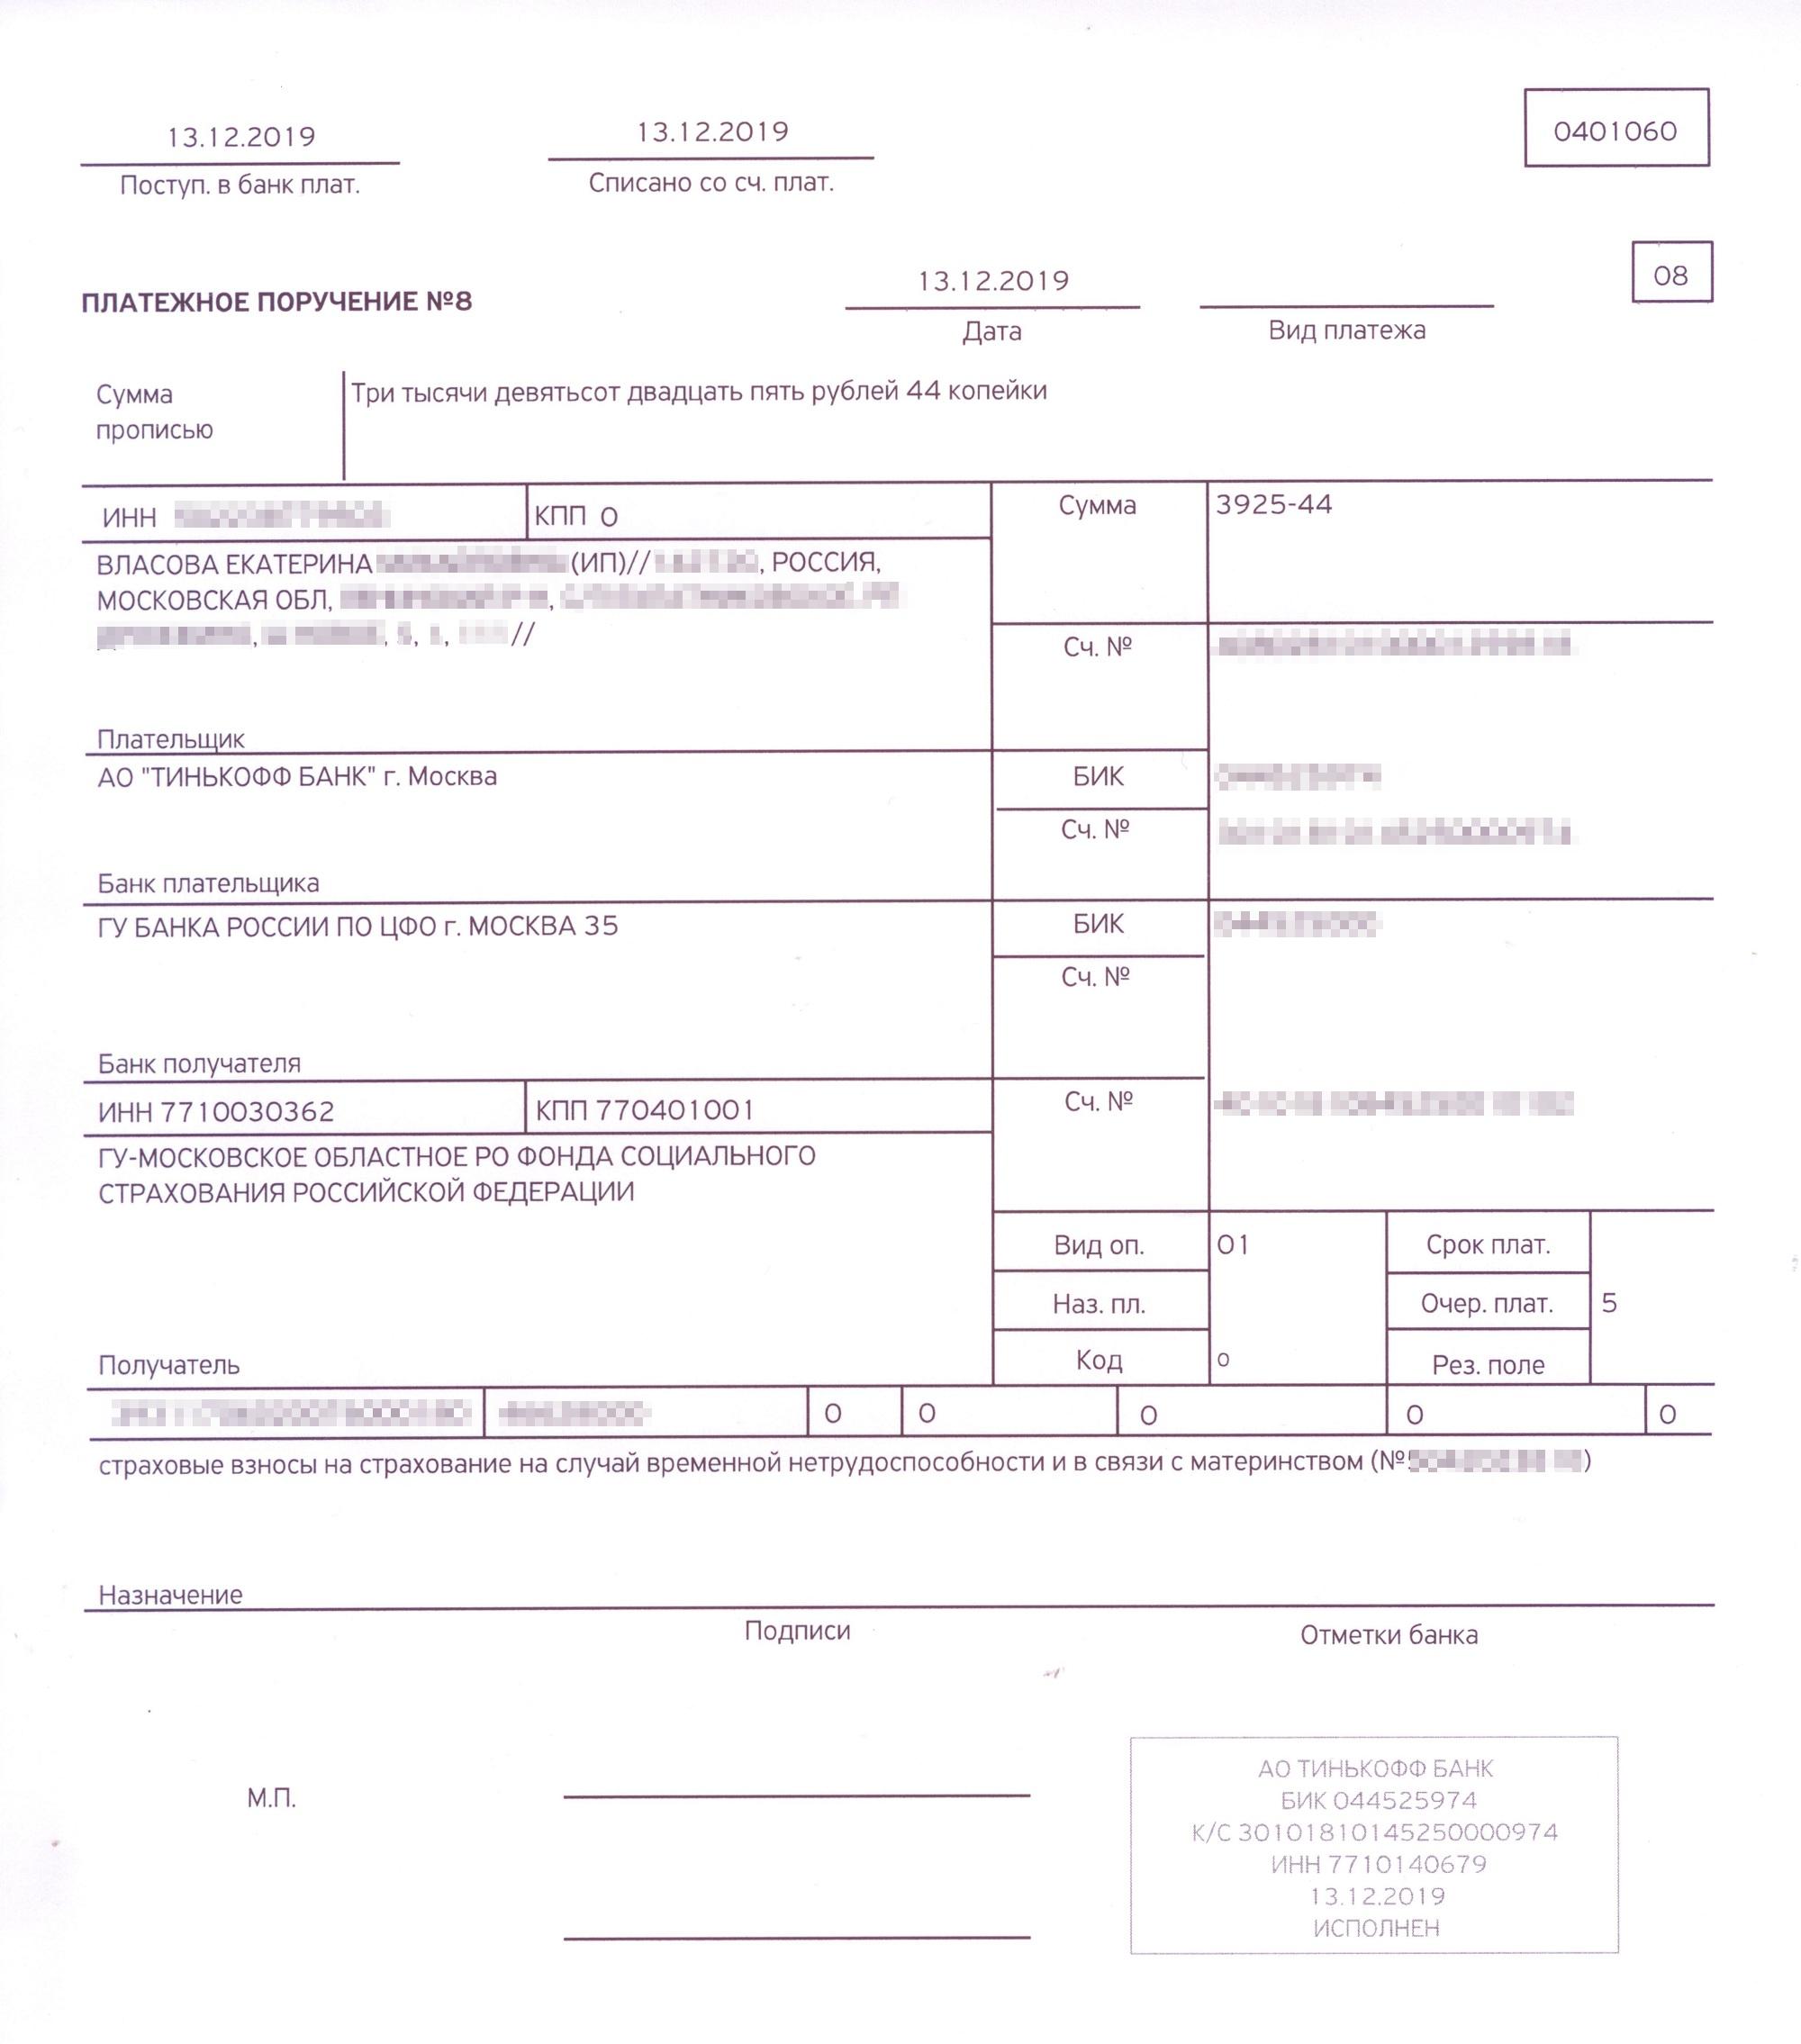 Этот документ сотрудница фонда проверила первым